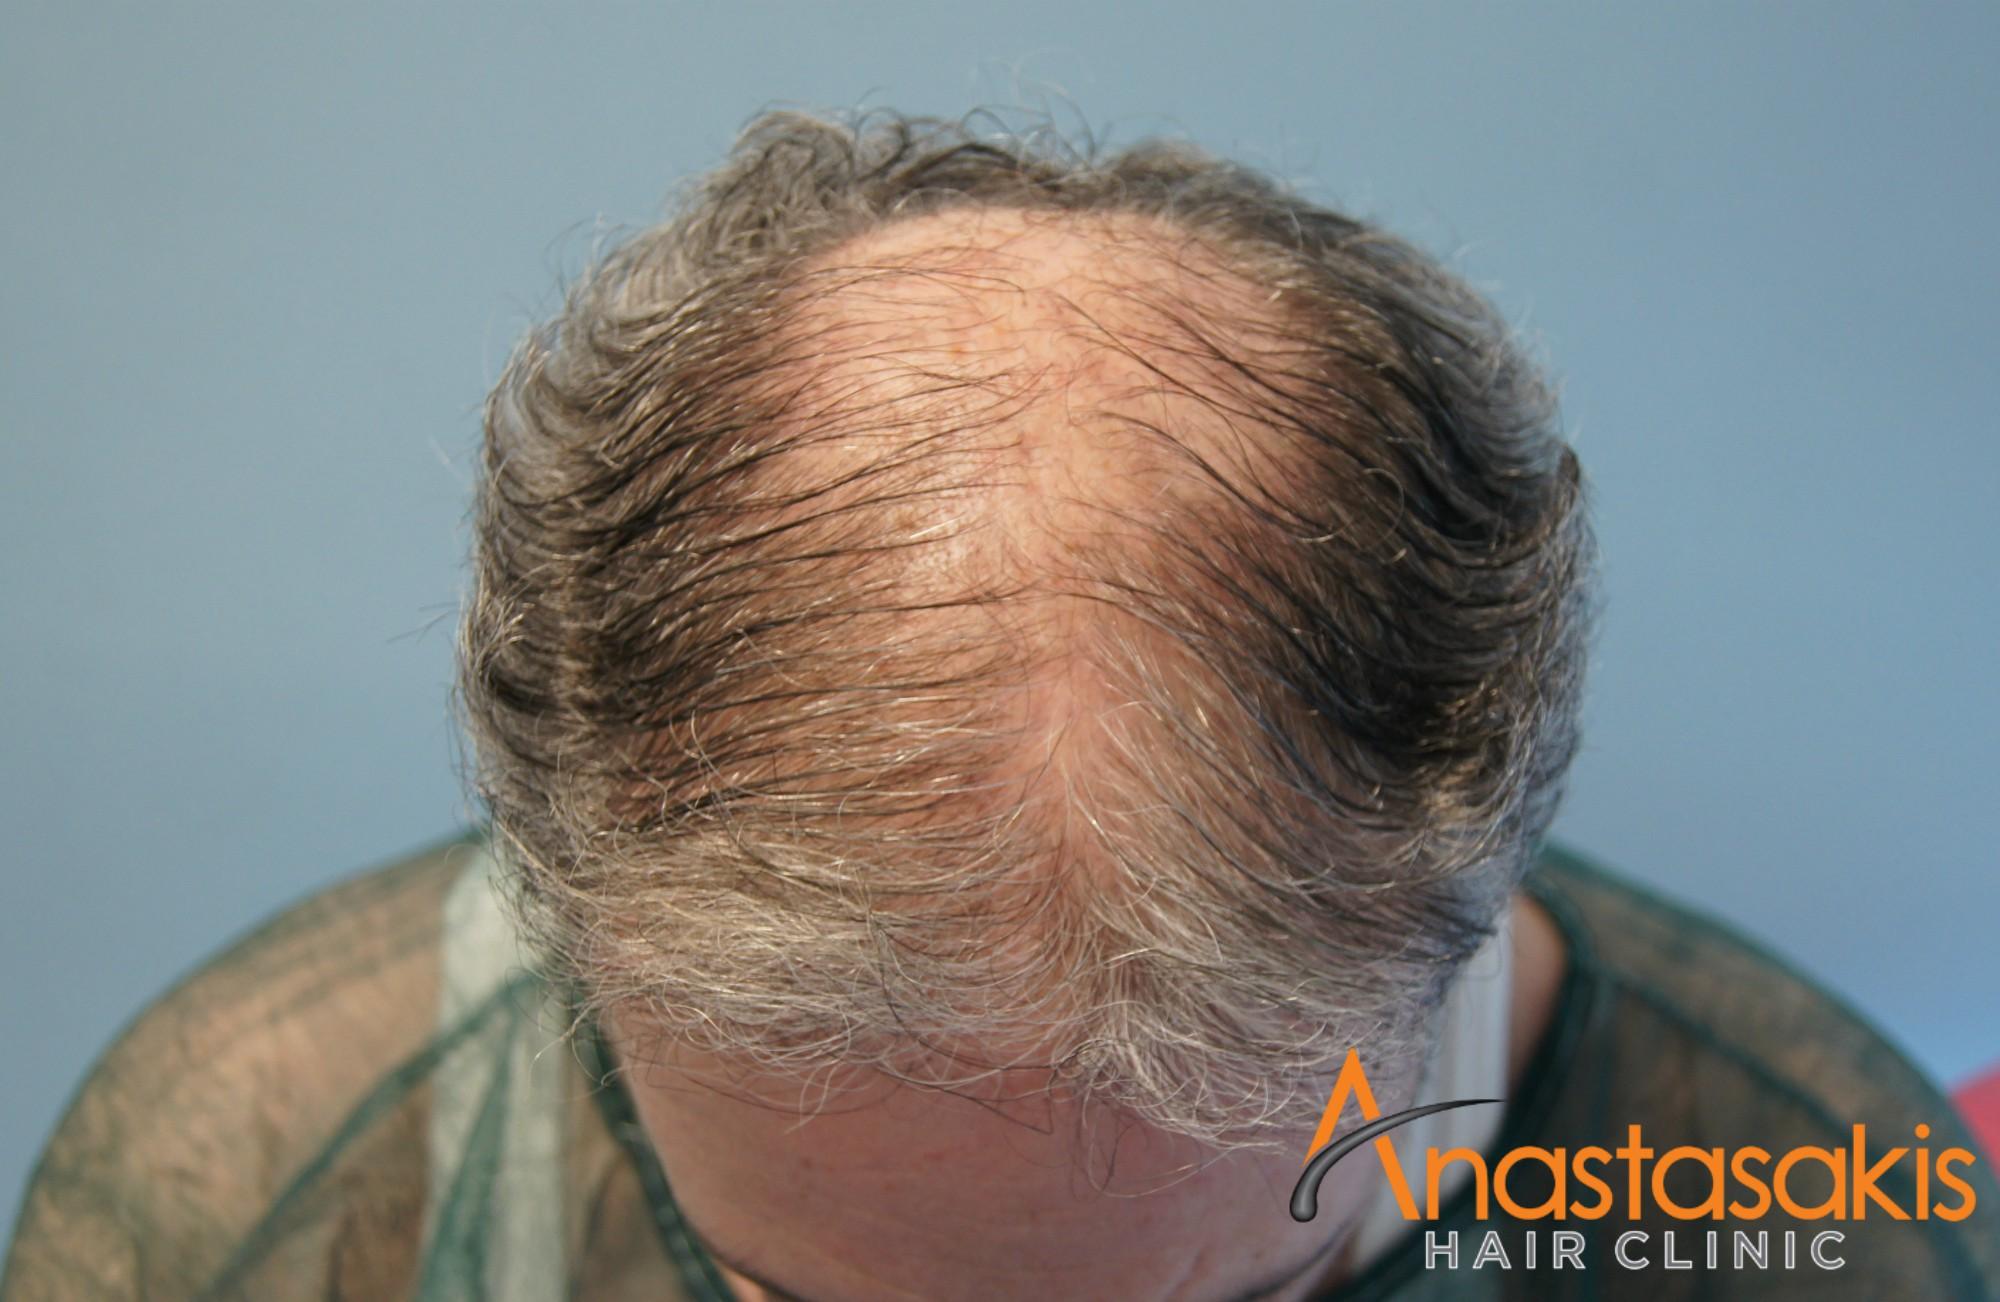 προσθια περιοχη ασθενους πριν τη μεταμοσχευση μαλλιων με 2500 fus